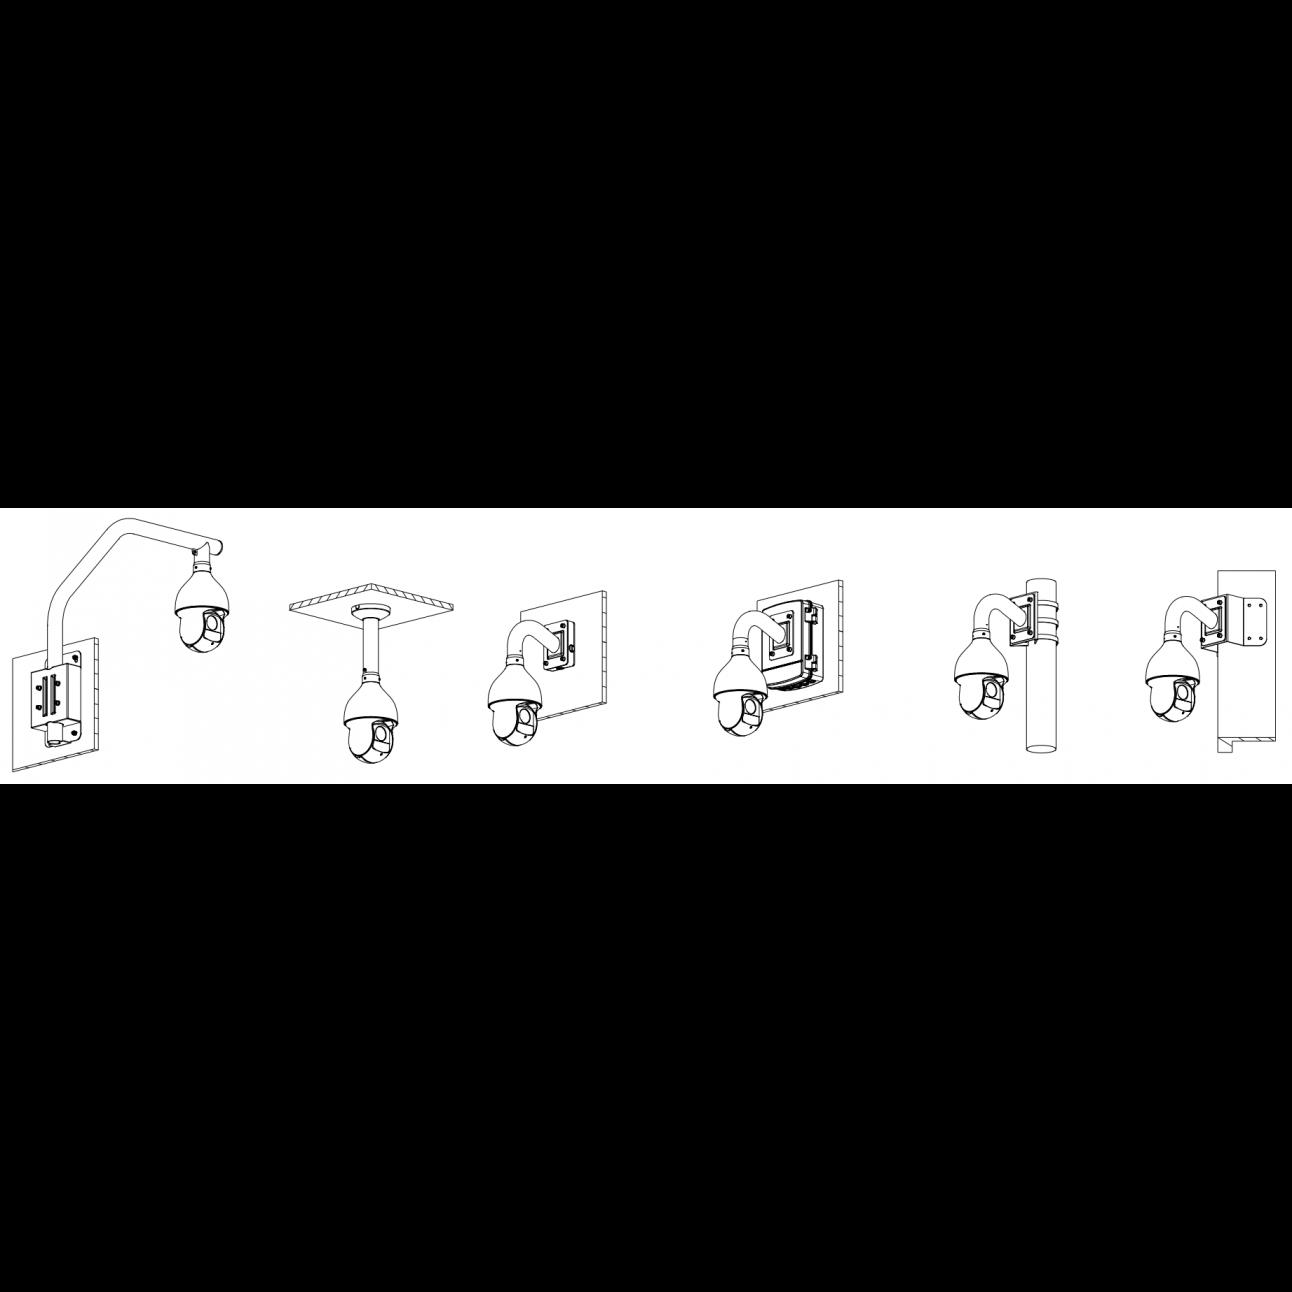 IP камера поворотная PTZ Dahua DH-SD59430U-HNI 4 Мп с 30x оптическим увеличением, 25 к/с @ 4/3 Мп, 50 к/с @ 1080p, H.265, ИК-подсветка до 100 м, PoE+